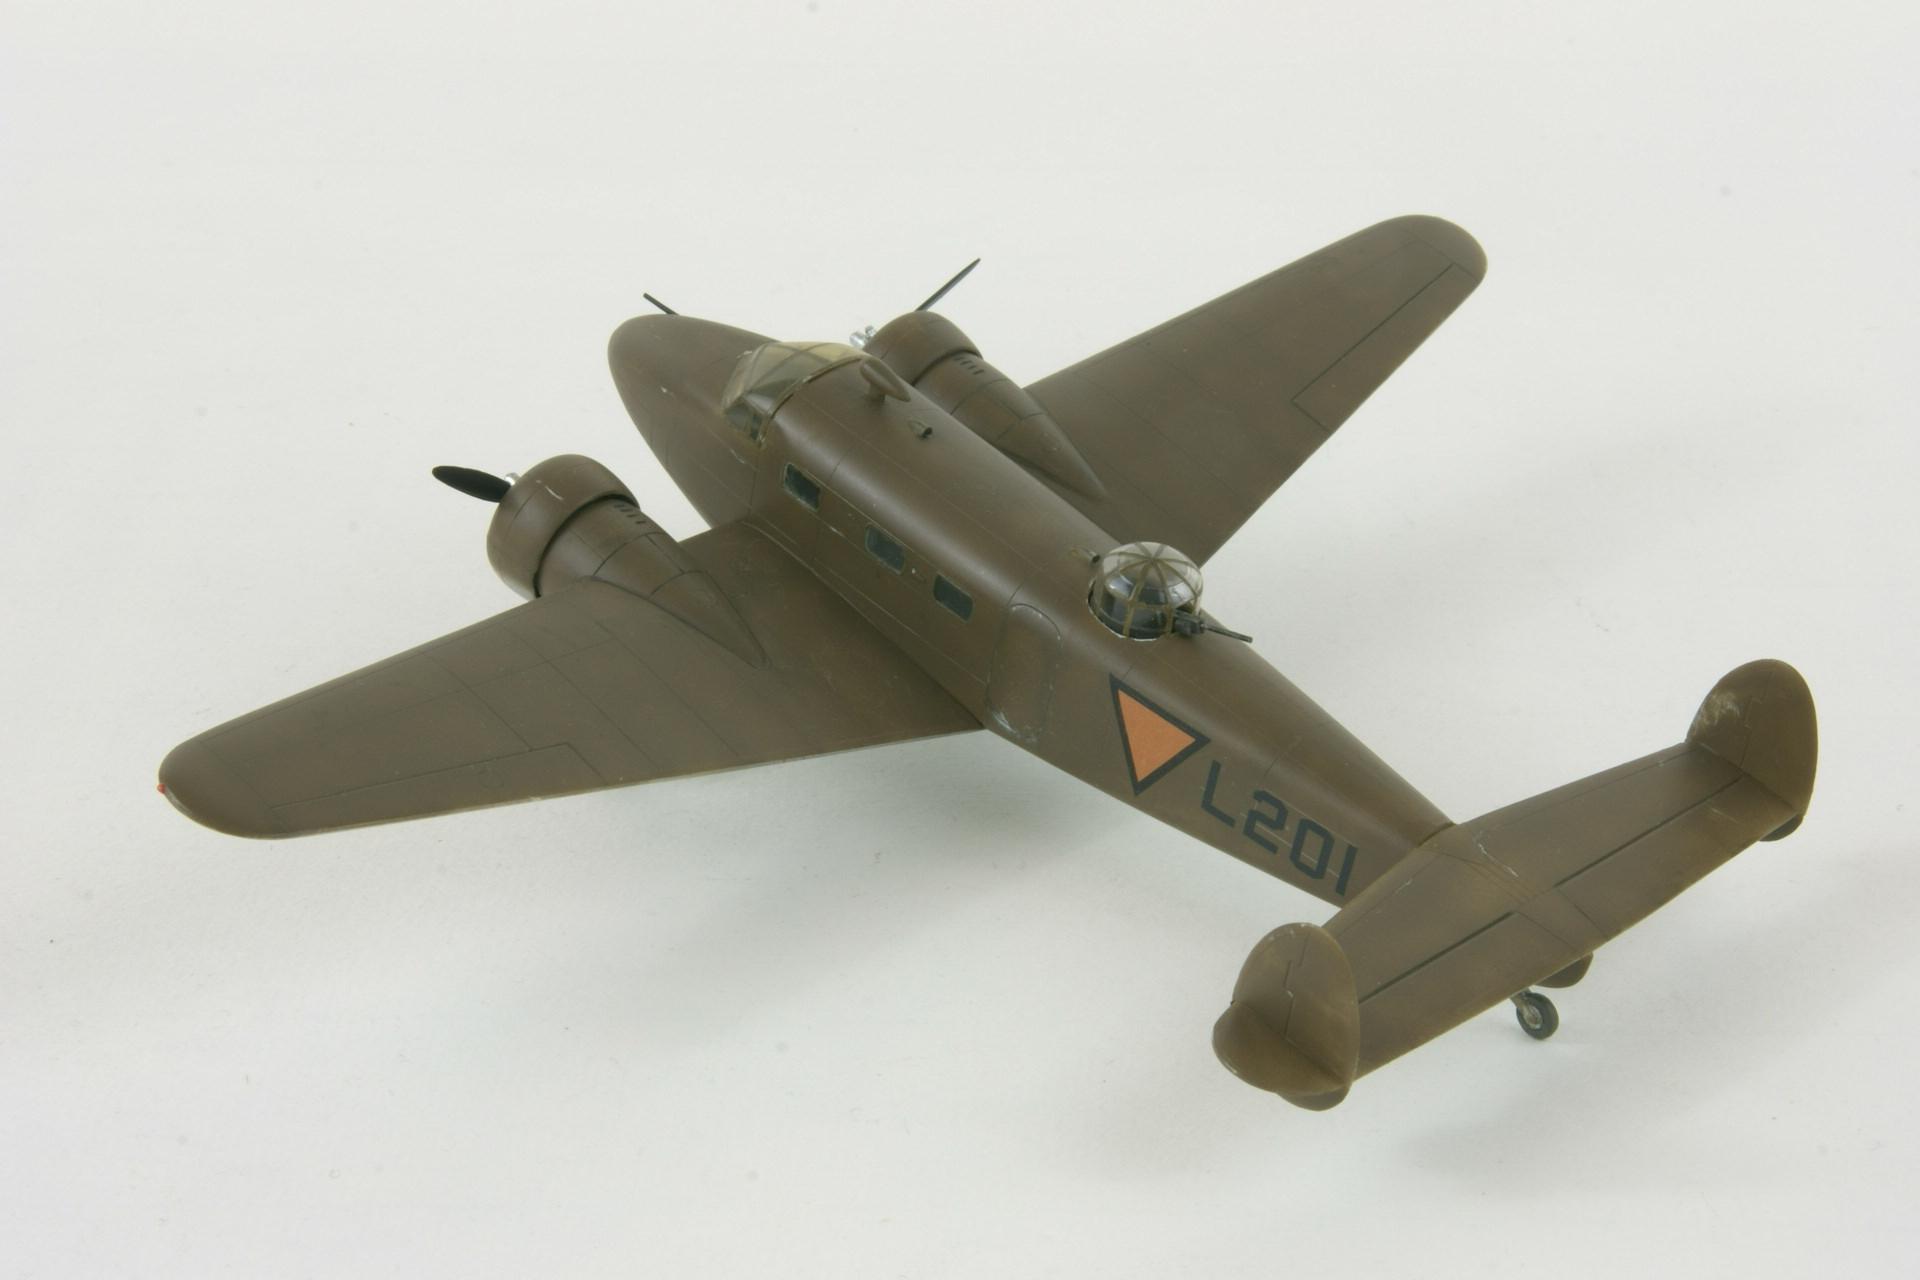 Lockheed 212 2 2